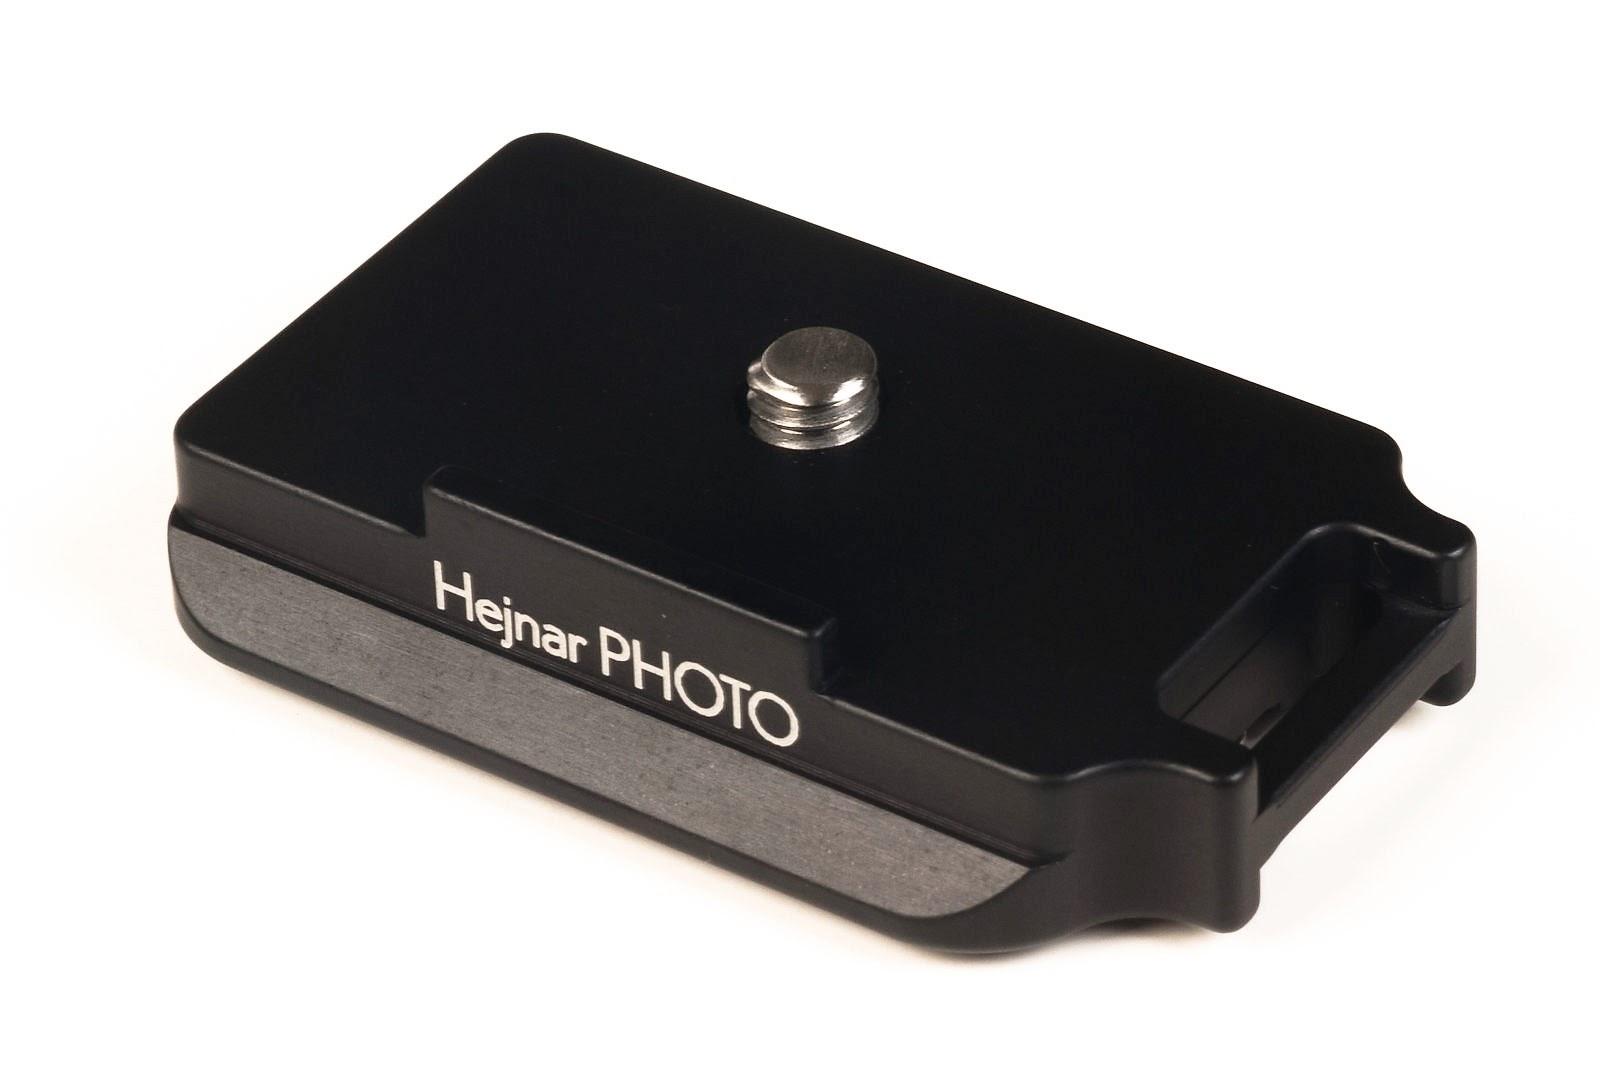 Hejnar Photo Camera Plate for Fujifilm X-T2 Made in U.S.A